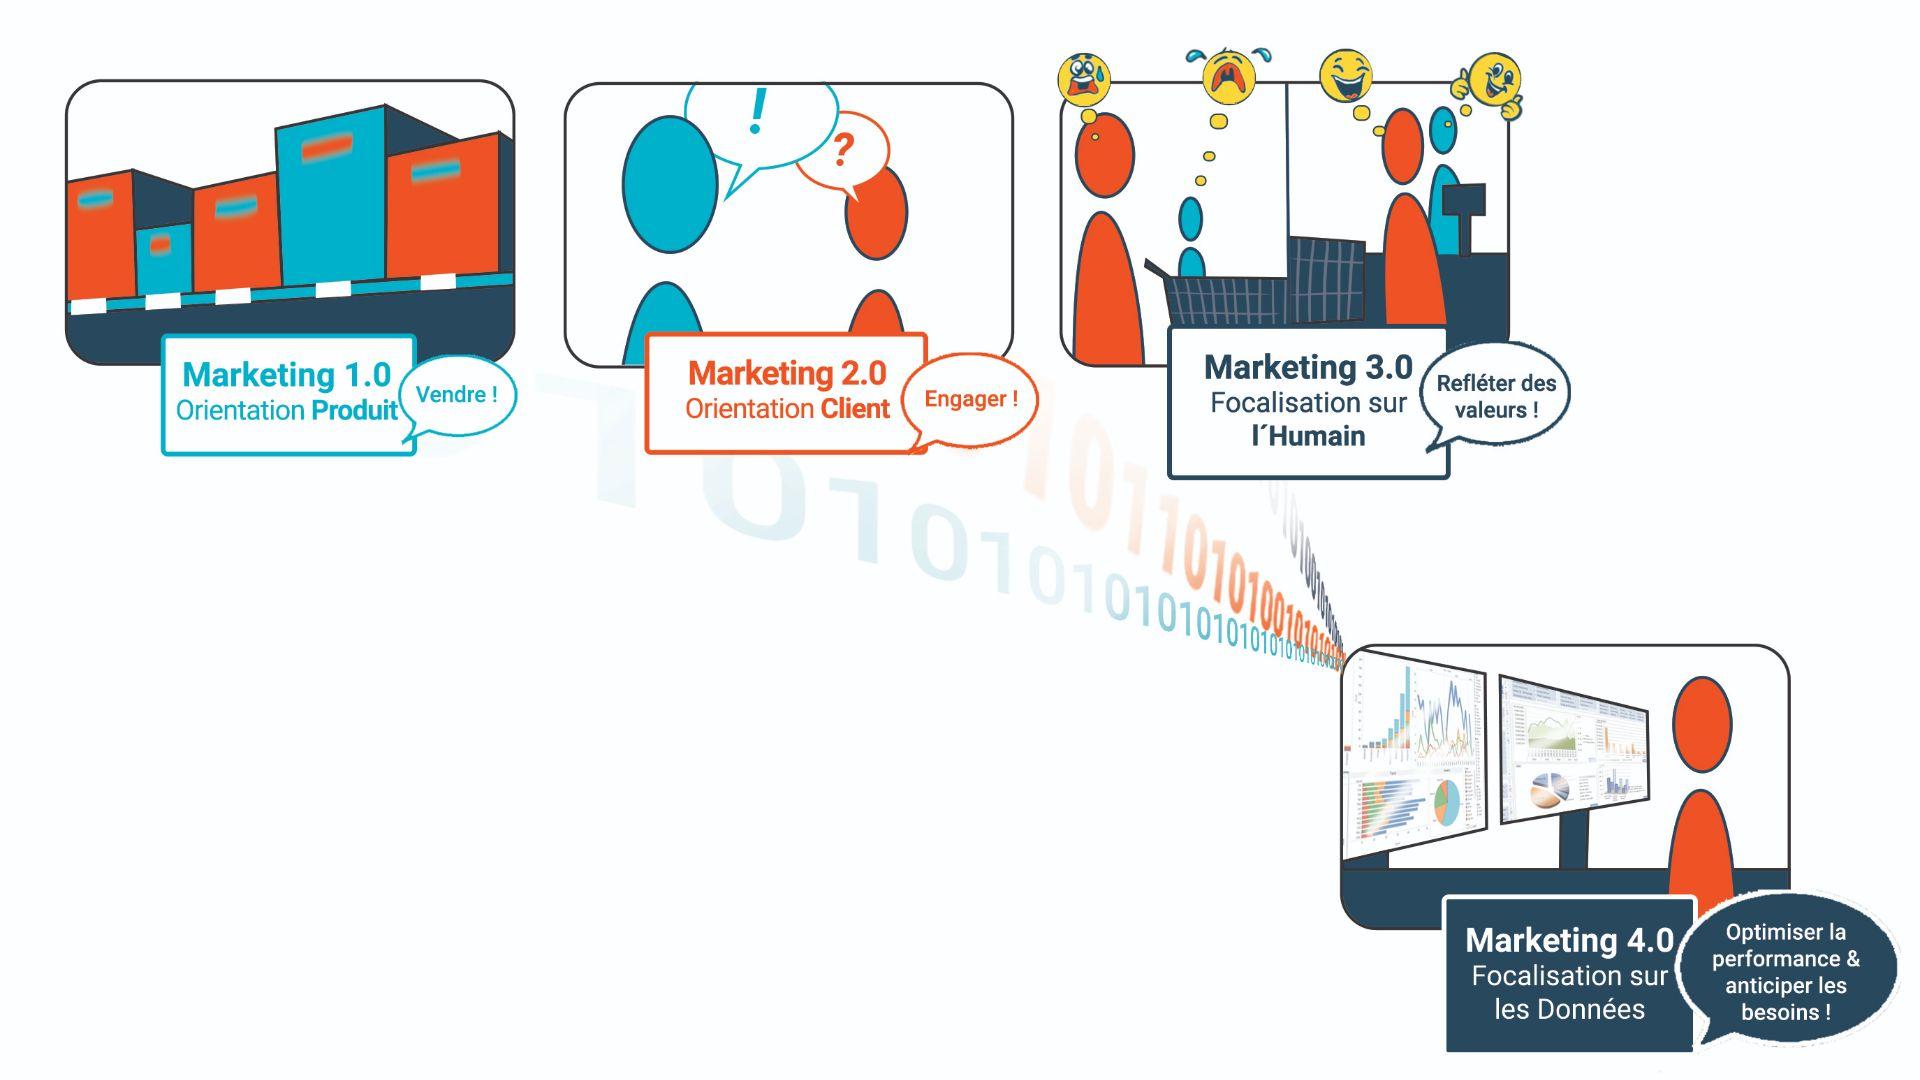 Enjeux digital marketing